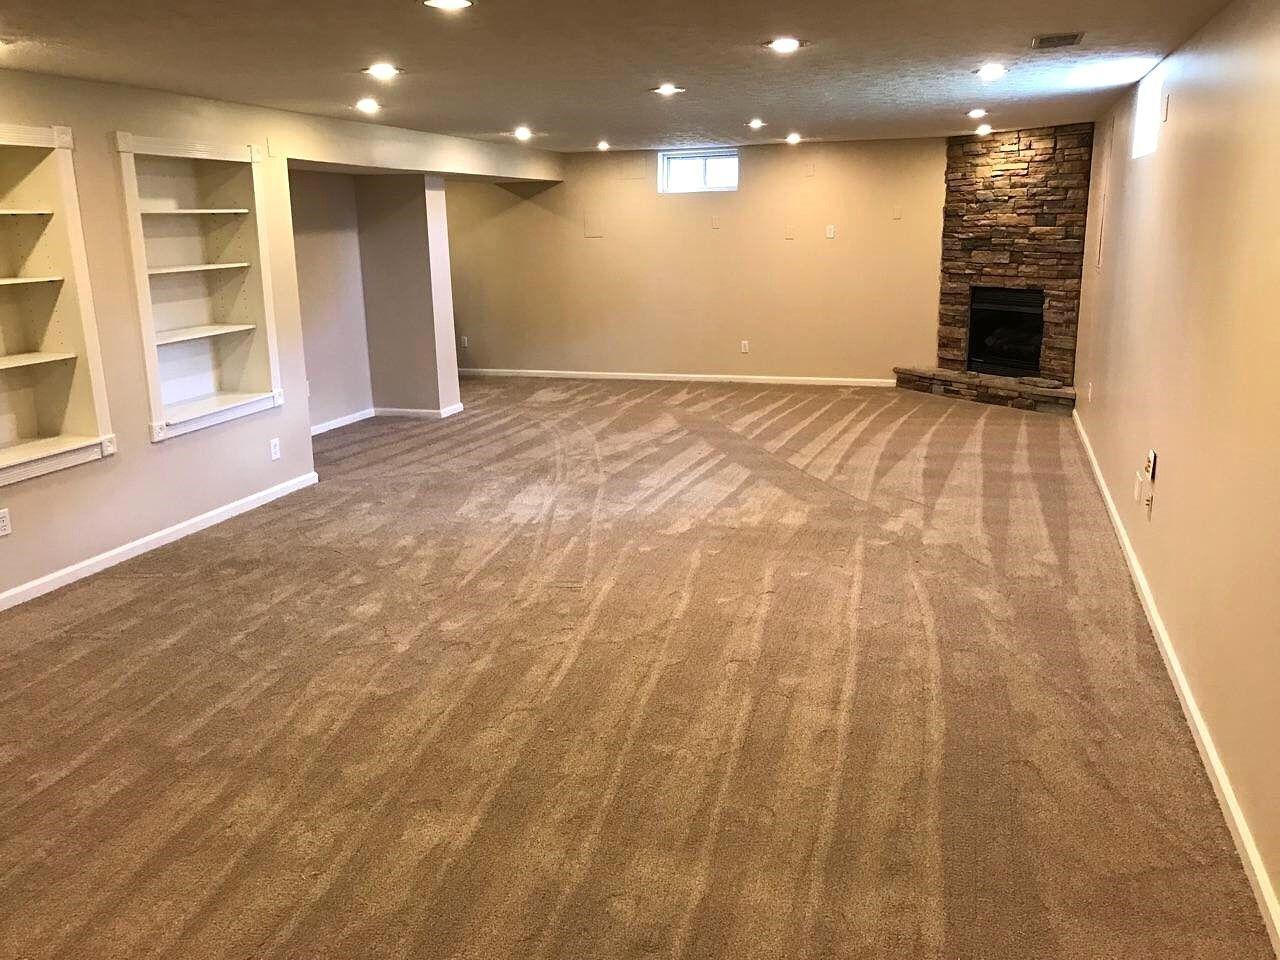 Louisville Hardwood Flooring Store Laminate Floors Waterproof Luxury Vinyl Flooring Carpet Flooring Store Laminate Hardwood Flooring Luxury Vinyl Plank Flooring